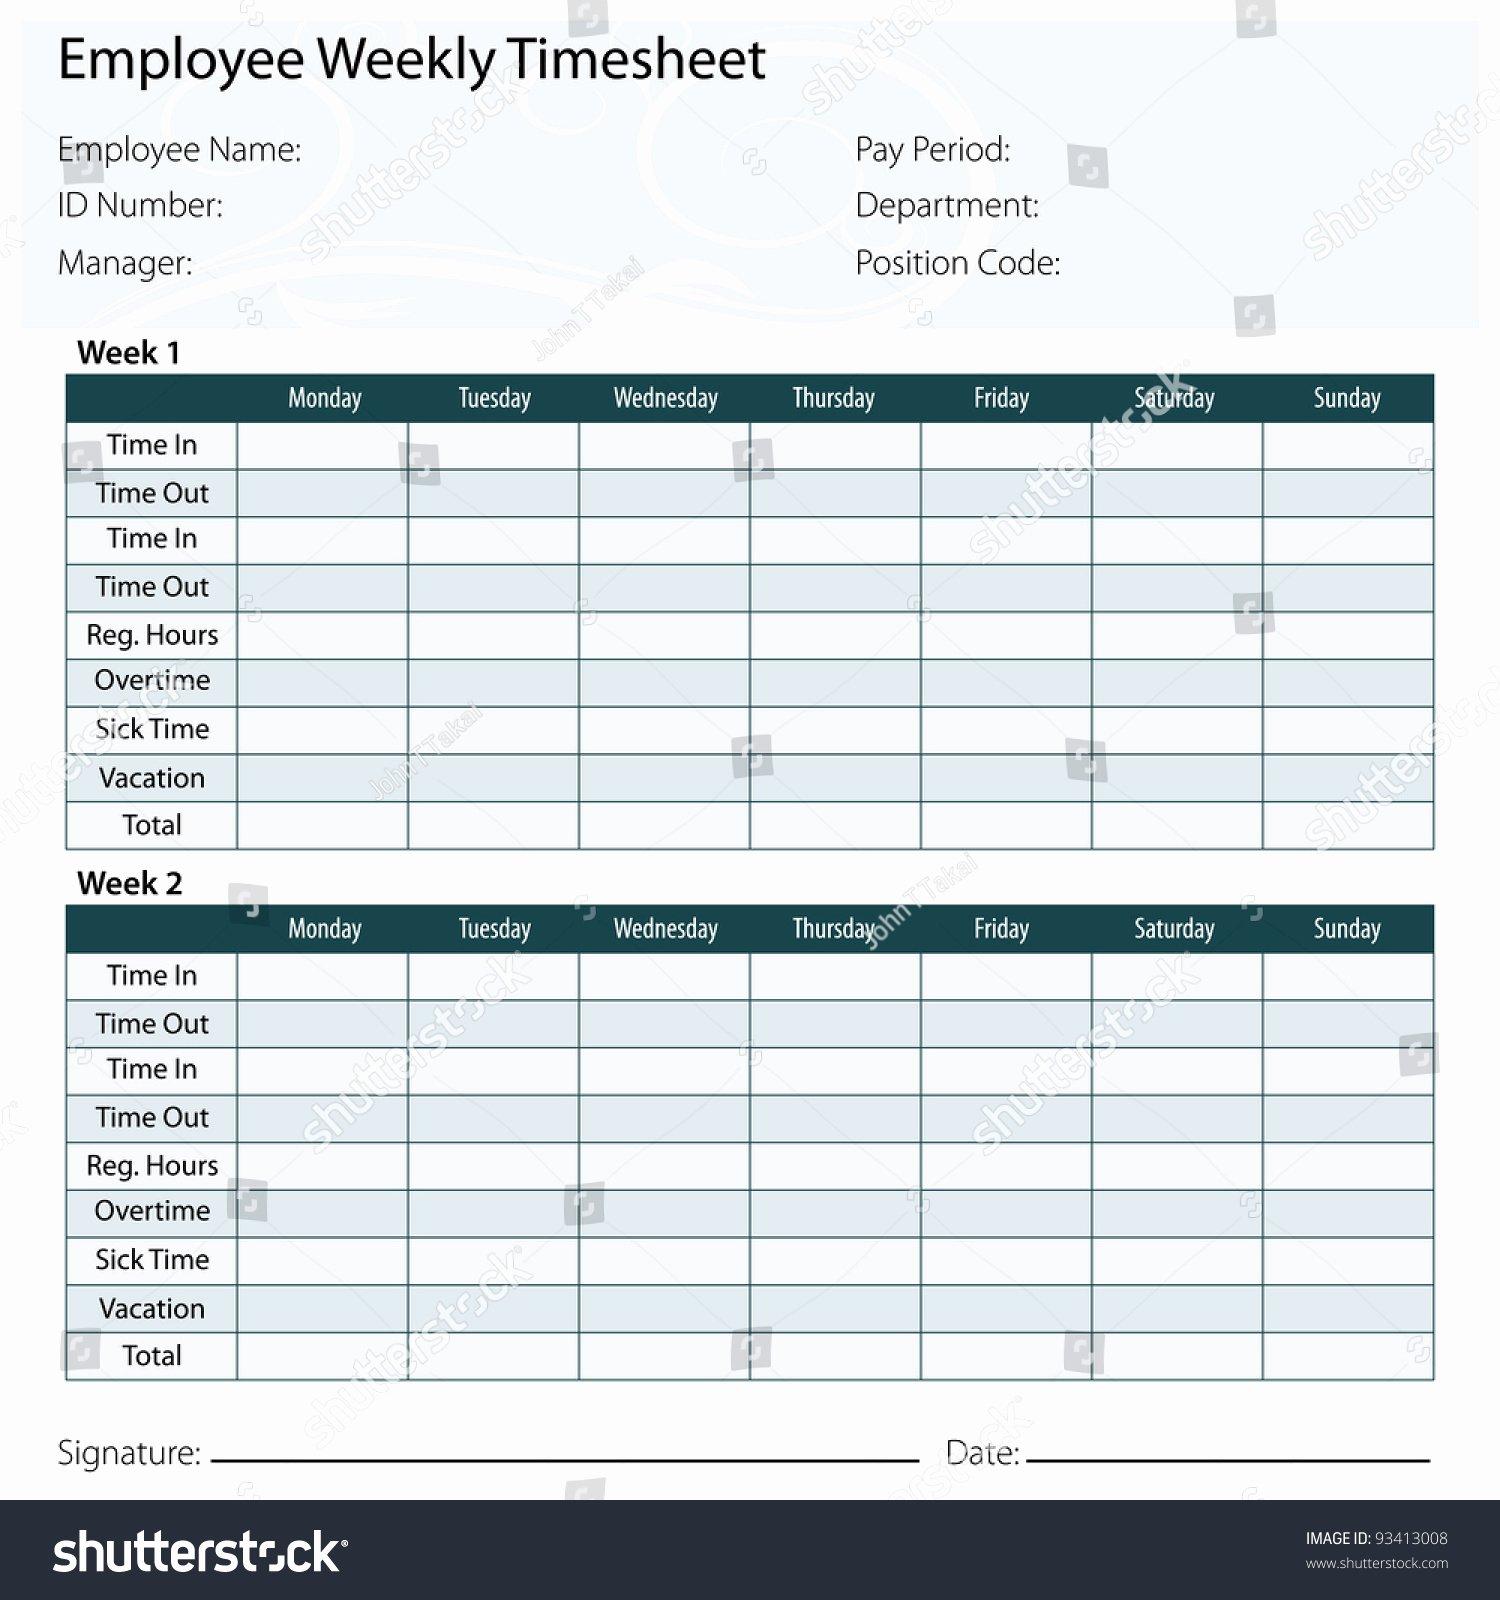 Multiple Employee Timesheet Template Fresh An Image A Employee Timesheet Template Stock Vector